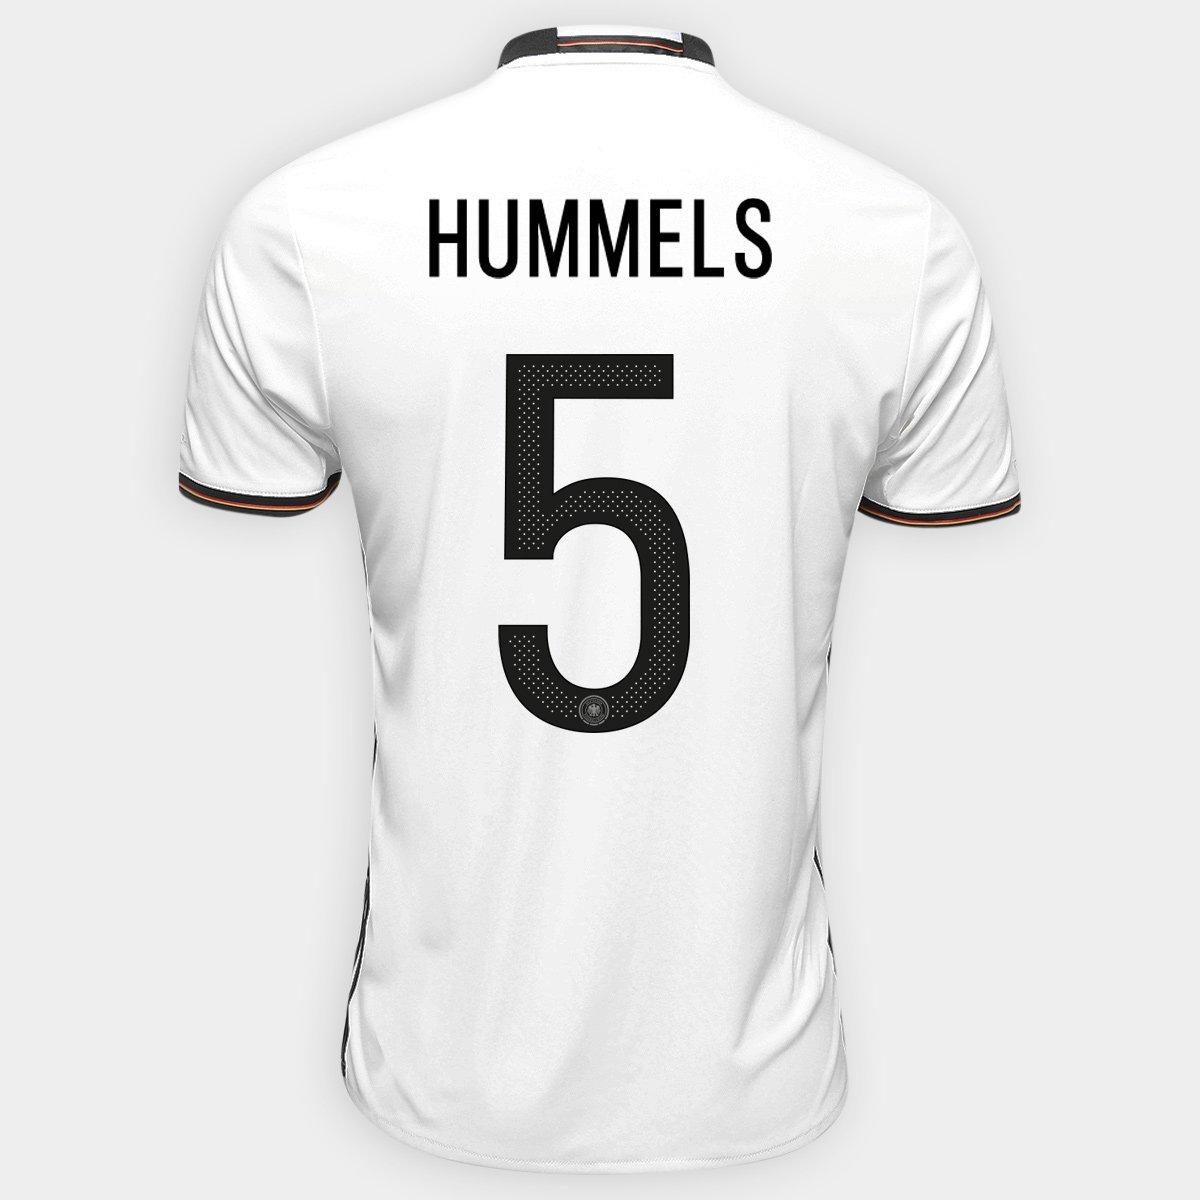 2e40c7386a Camisa Adidas Seleção Alemanha Home 2016 nº 5 - Hummels - Compre Agora